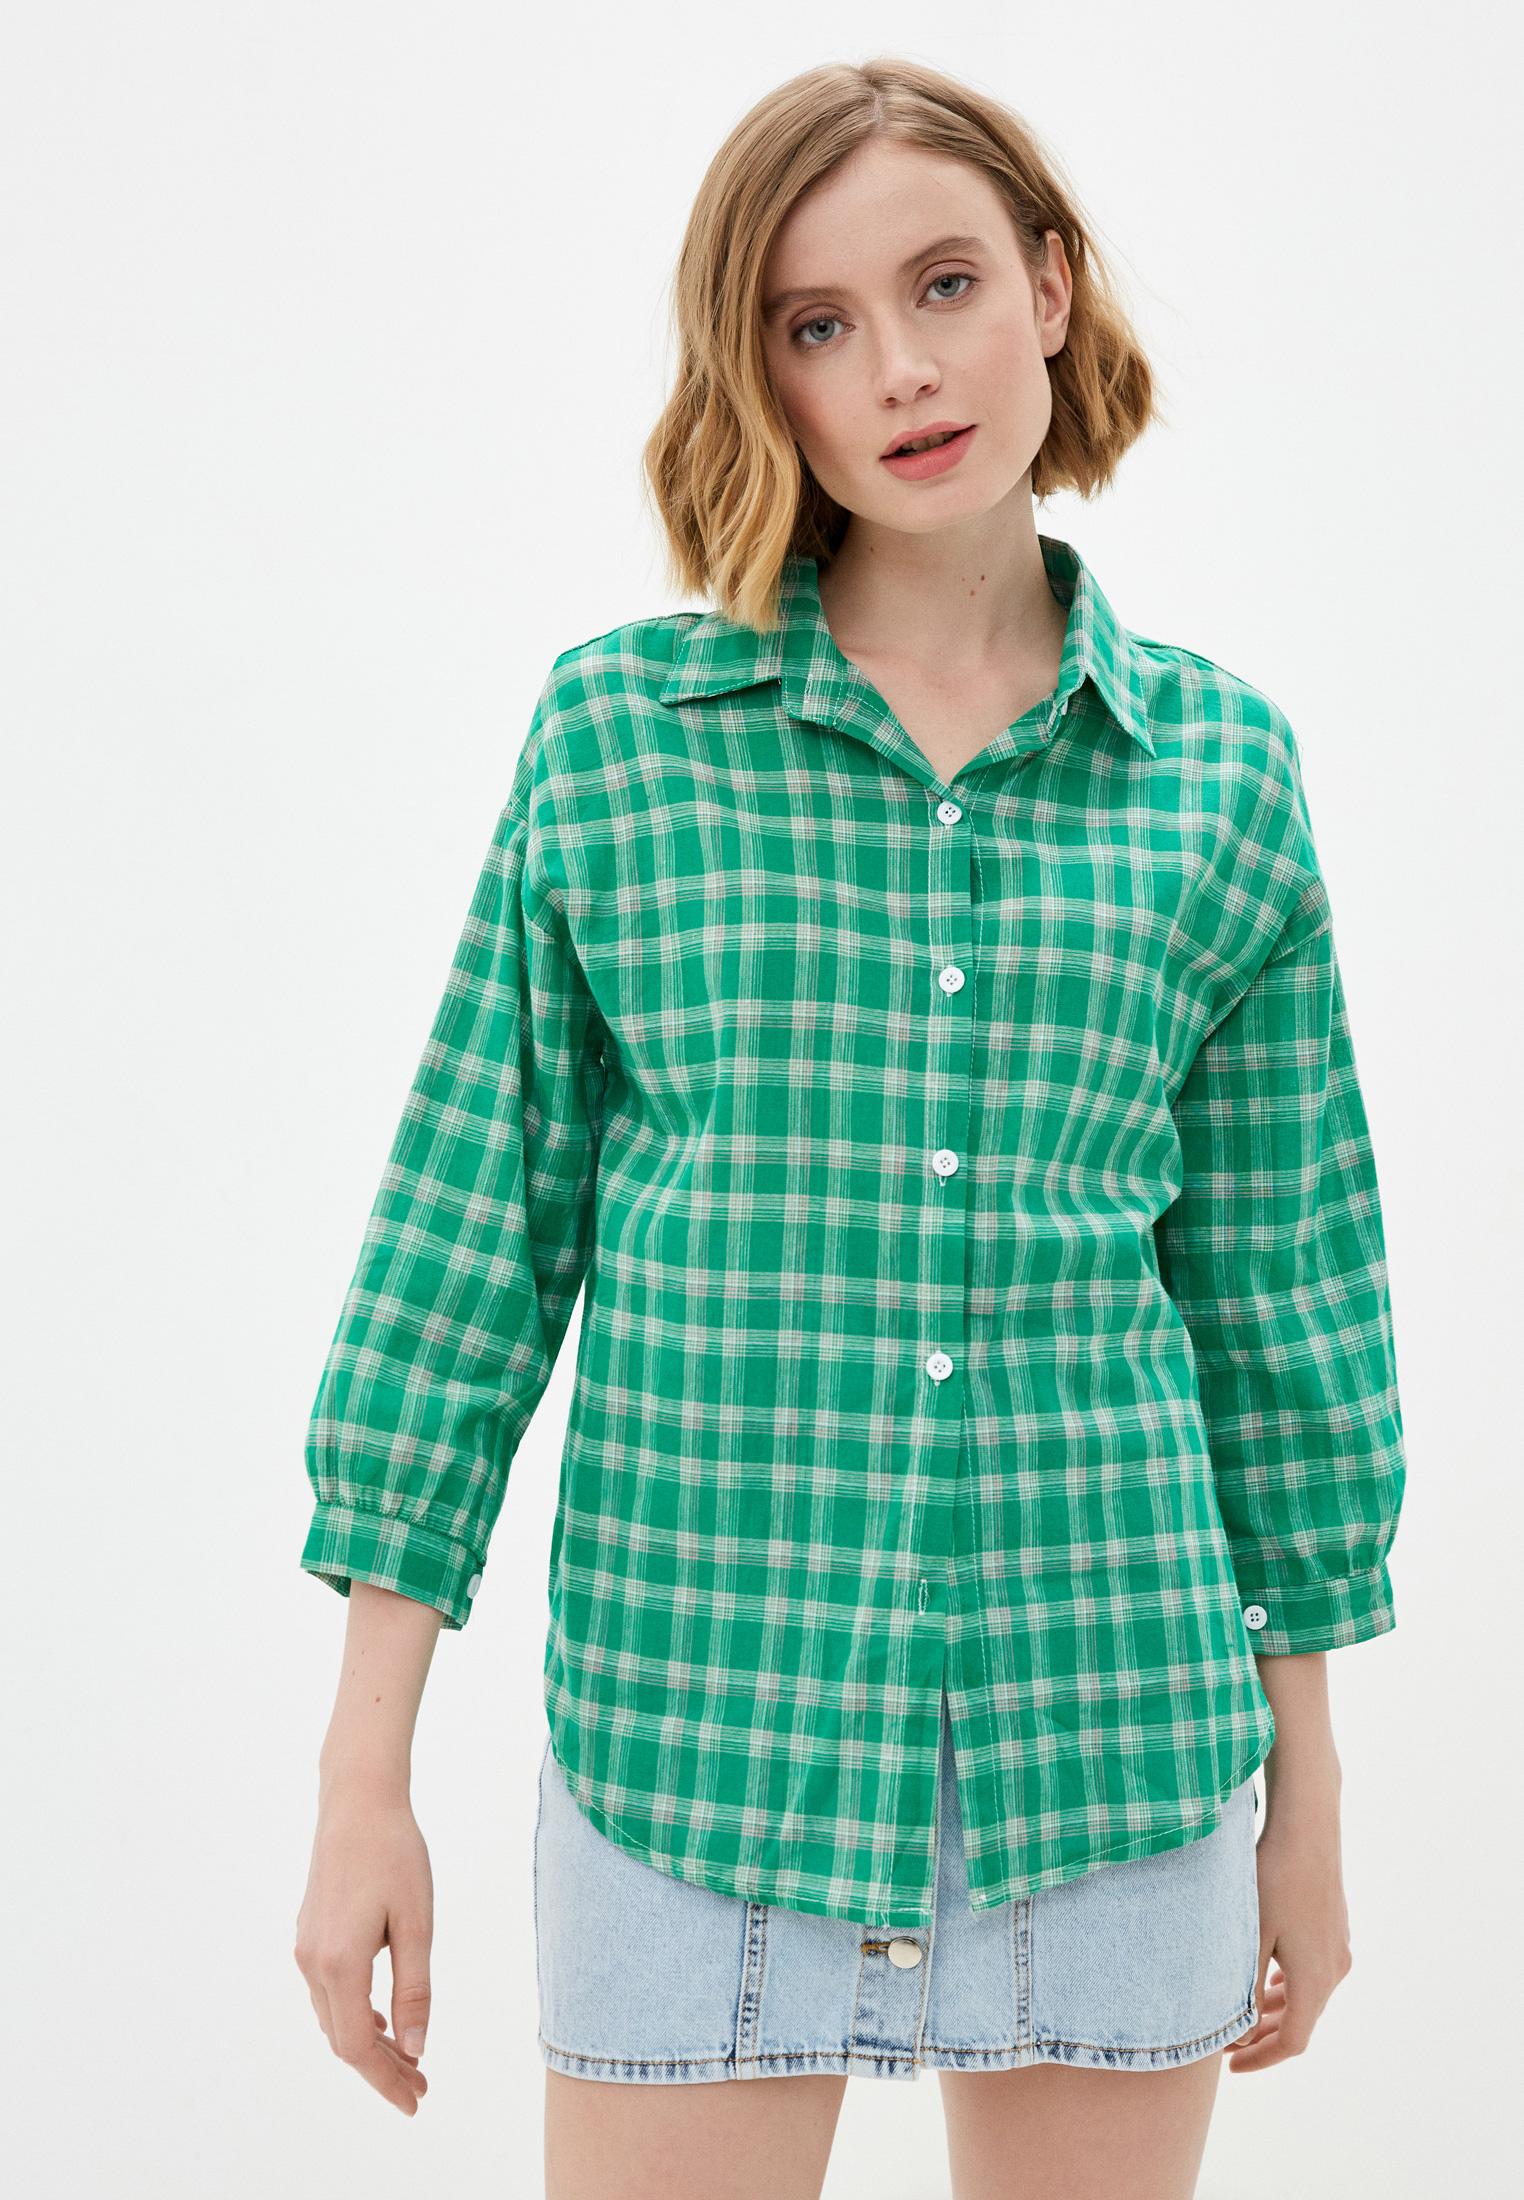 Женские рубашки с длинным рукавом Goldrai Рубашка Goldrai